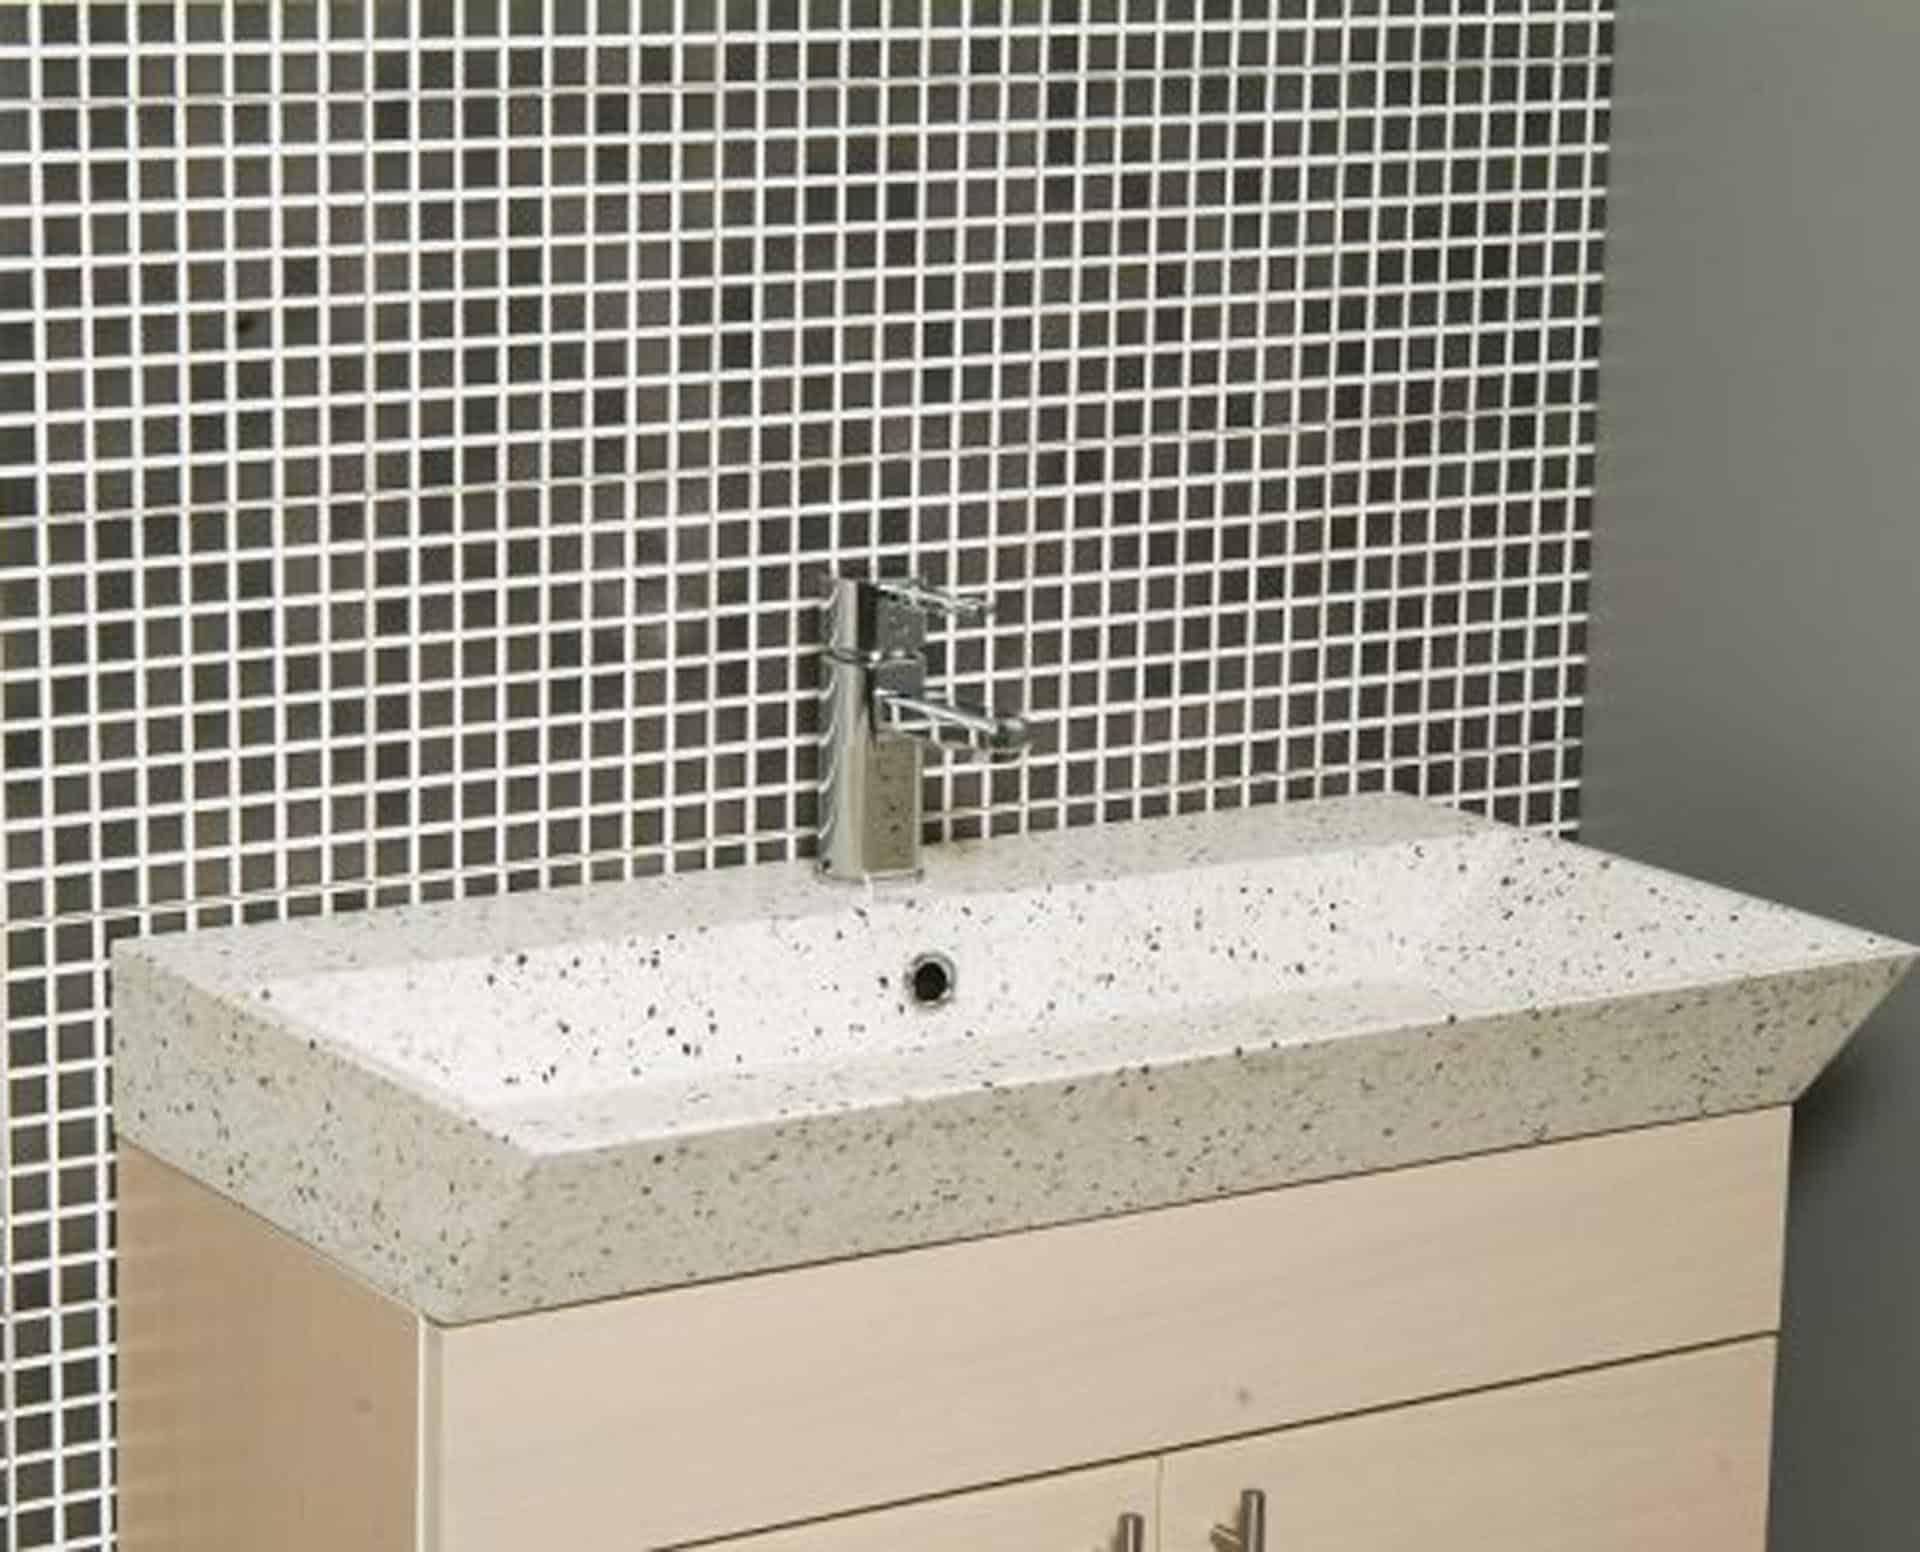 Lækker gnistret terrazzo håndvask, med pæne afrundinger. Farven er lys med sorte og mørke sten - et råt look med en flot finish. Vasken har målene: 120 x 35,5 x 10 cm. Materialet er en blanding af cement og de små natursten, der giver vasken sin flotte gnistrede finish. Vasken kan bruges som fritstående vask - da vasken er flad i bunden er den velegnet til at placere direkte på en bordplade. Vasken er hensynsmæssigt designet med fine rundinger, som både giver vasken et eksklusivt udtryk og gør den rengøringsvenlig. Vasken vedligeholdes med voks - vi anbefaler en behandling med vores egen naturvoks ID12002 et par gange om året for at opnå optimalt look.